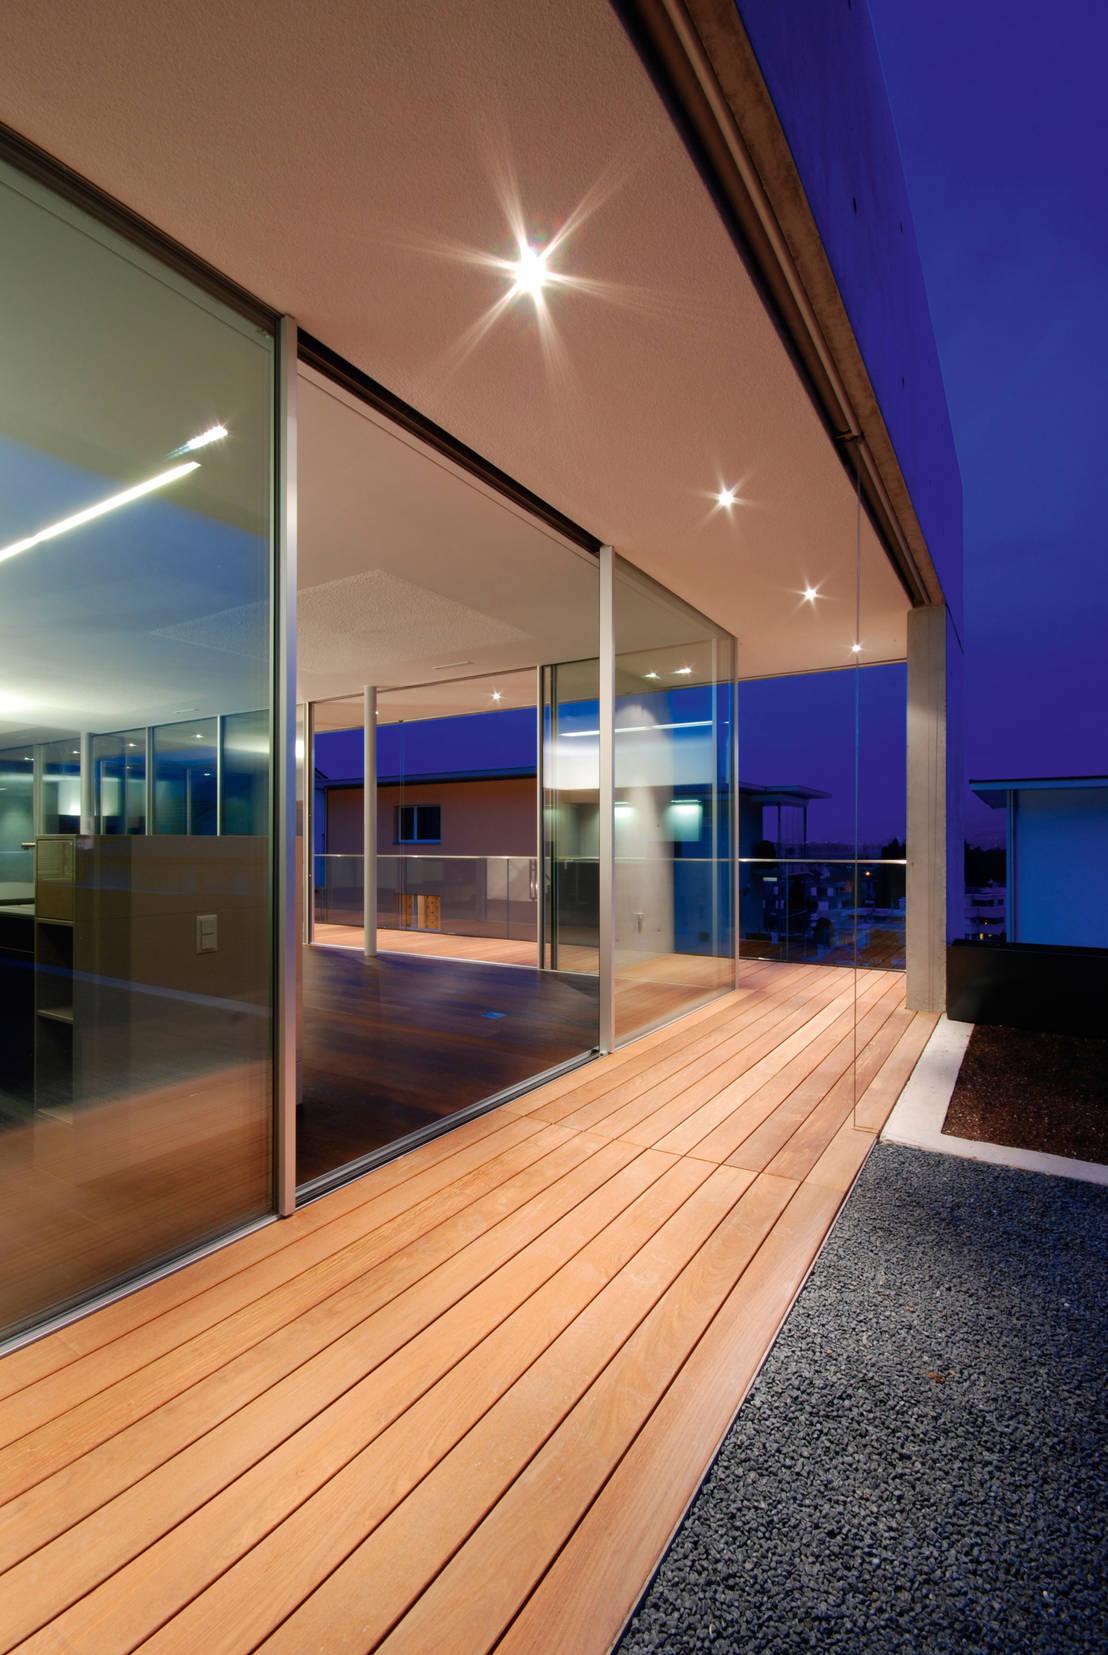 Le vetrate scorrevoli per una migliore visione del mondo for Le belle vetrate scorrevoli